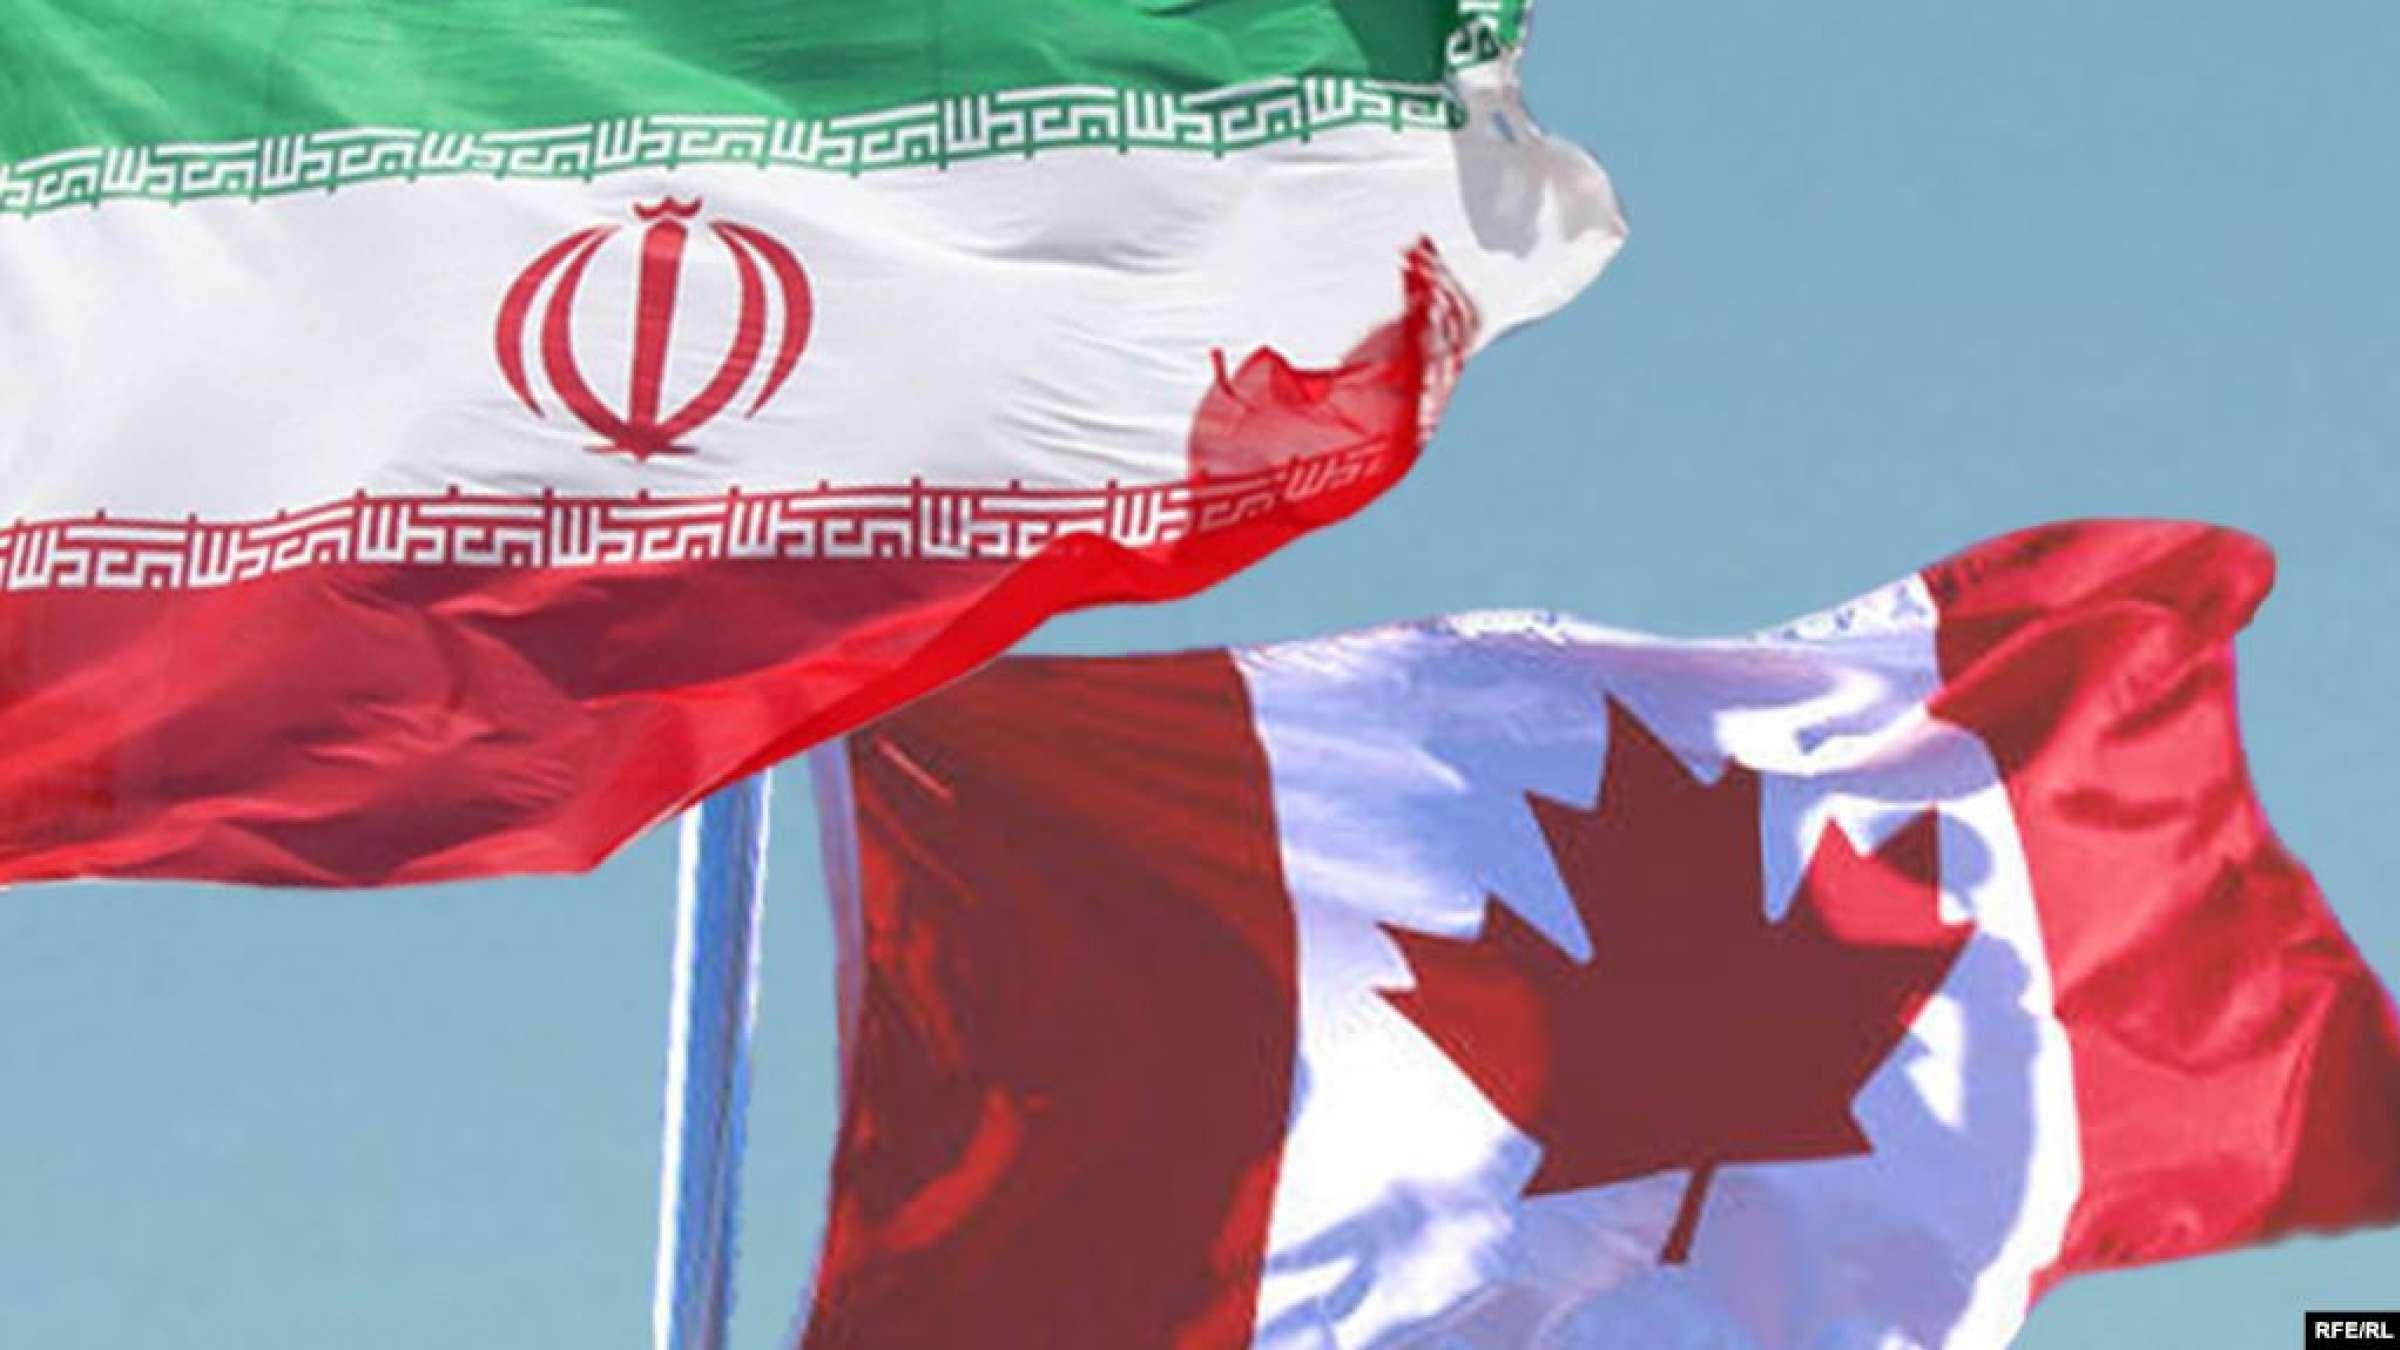 مخالفت-کانادا-با-ارائه-خدمات-کنسولی-به-ایرانیان-از-طریق-سفارت-سوئیس-واکنش-جمهوری-اسلامی- محاکمه-مقاماتش-در-دادگاه-های-کانادایی